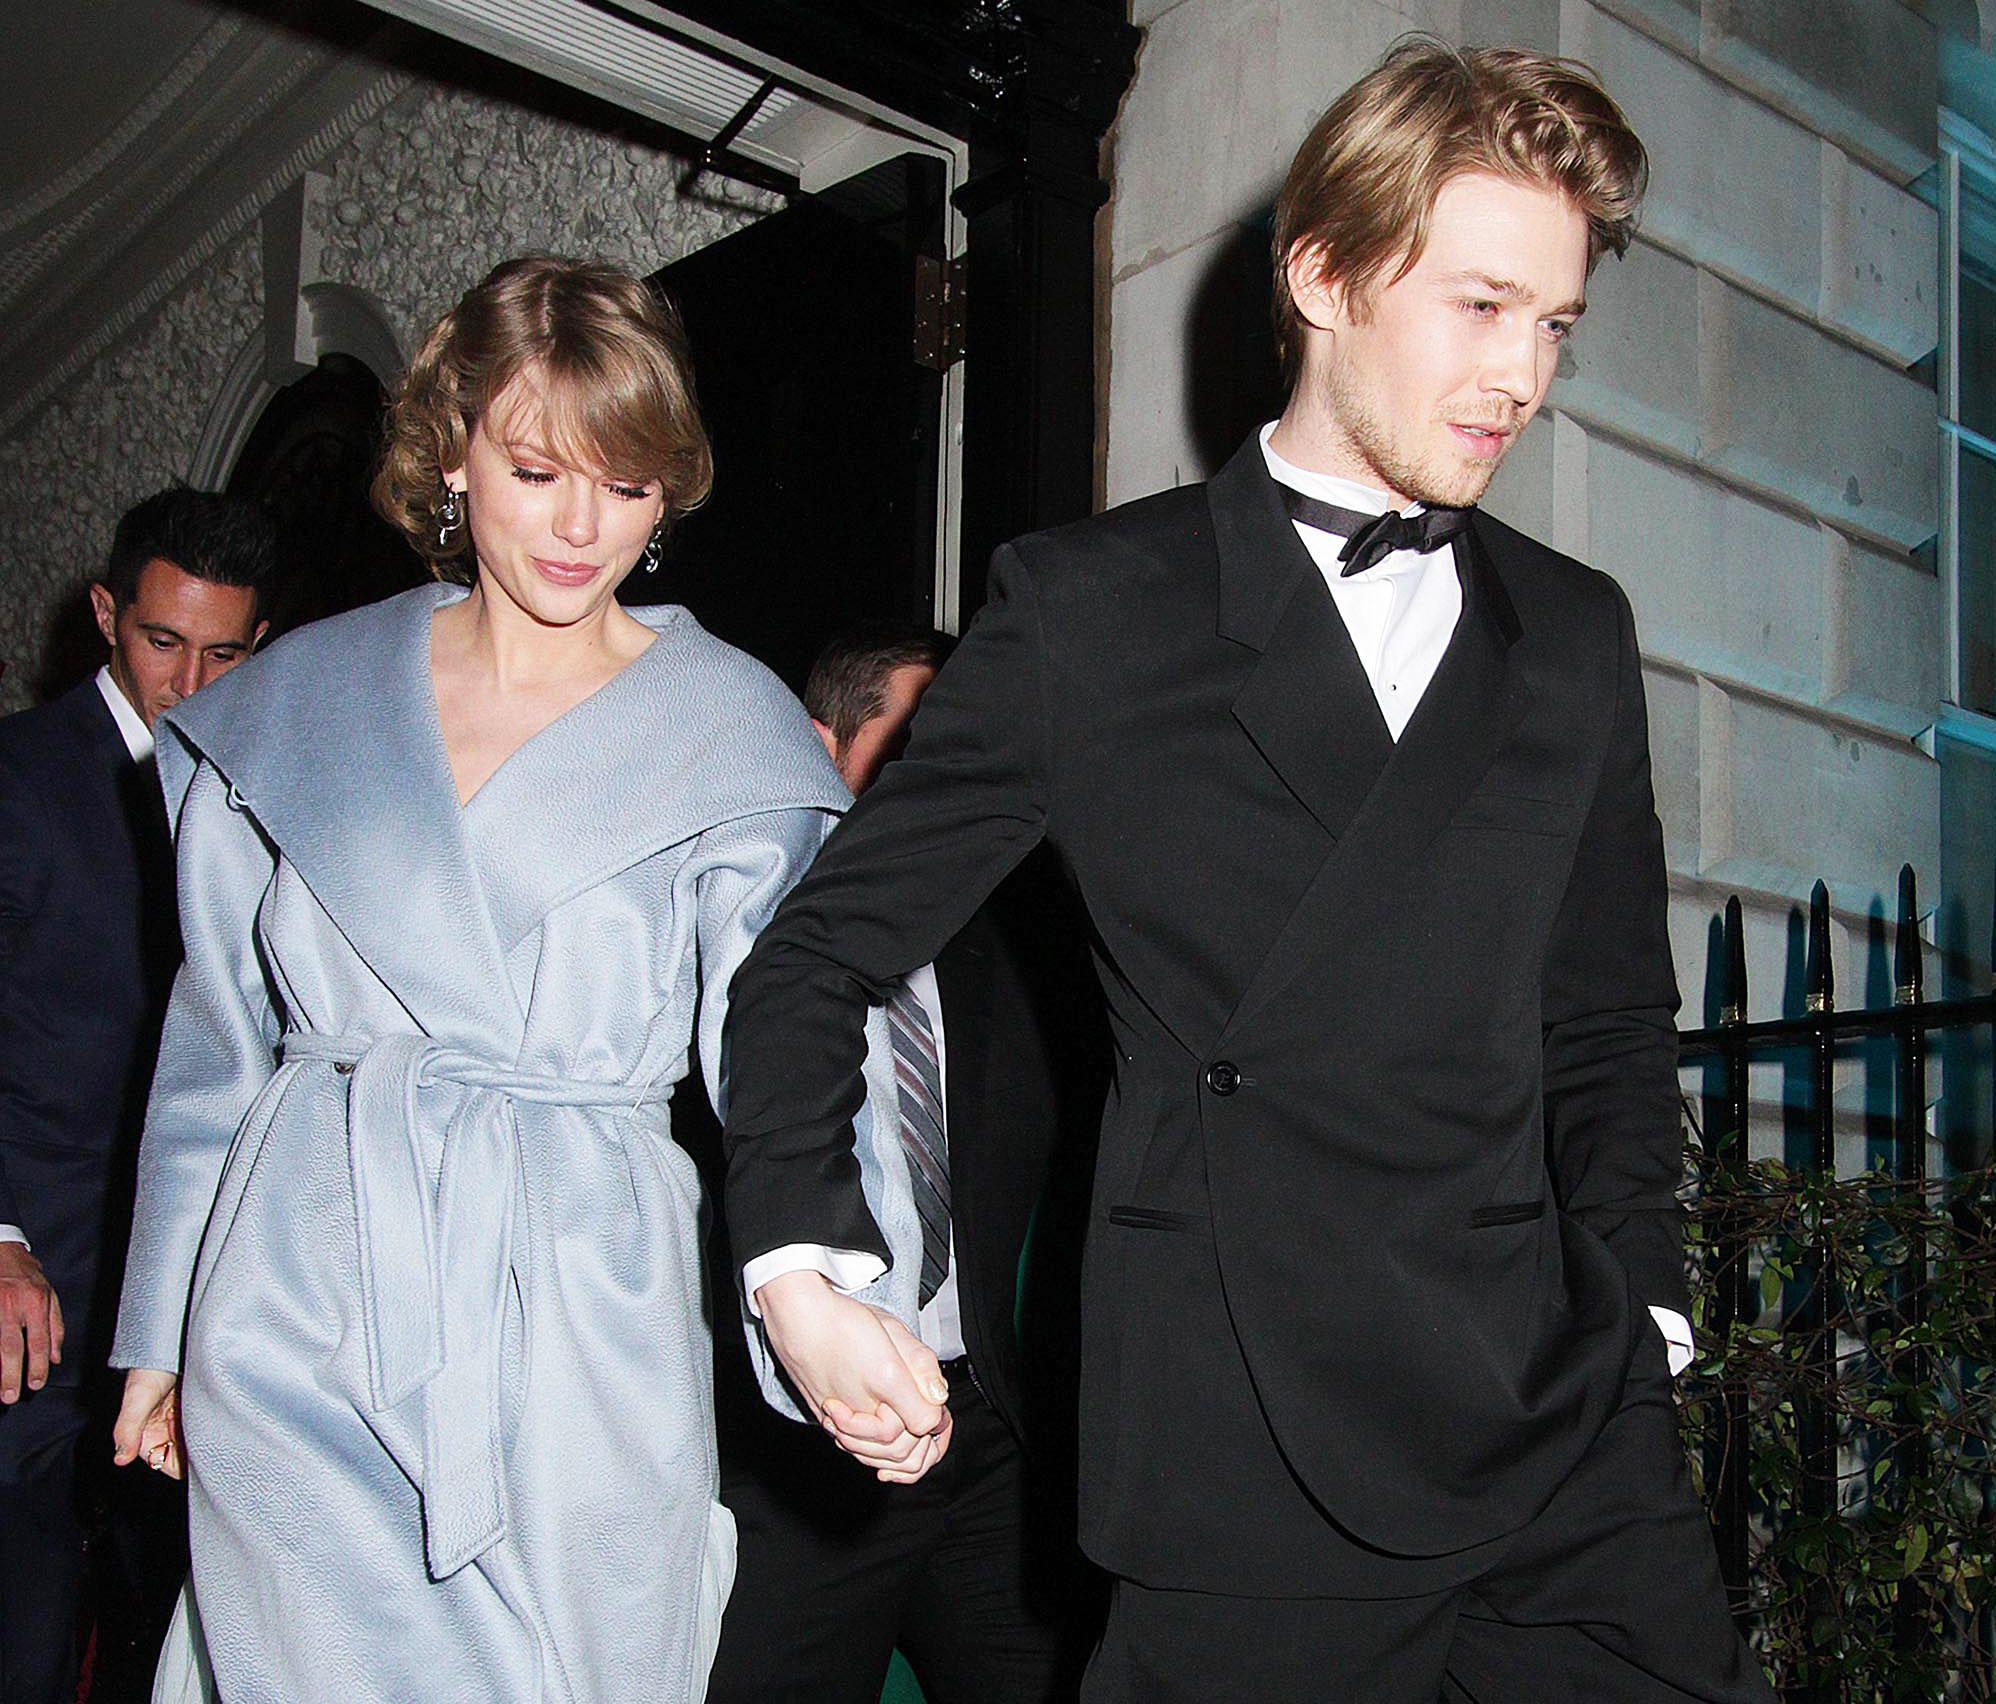 Taylor Swift Kisses Boyfriend Joe Alwyn At The NME Awards